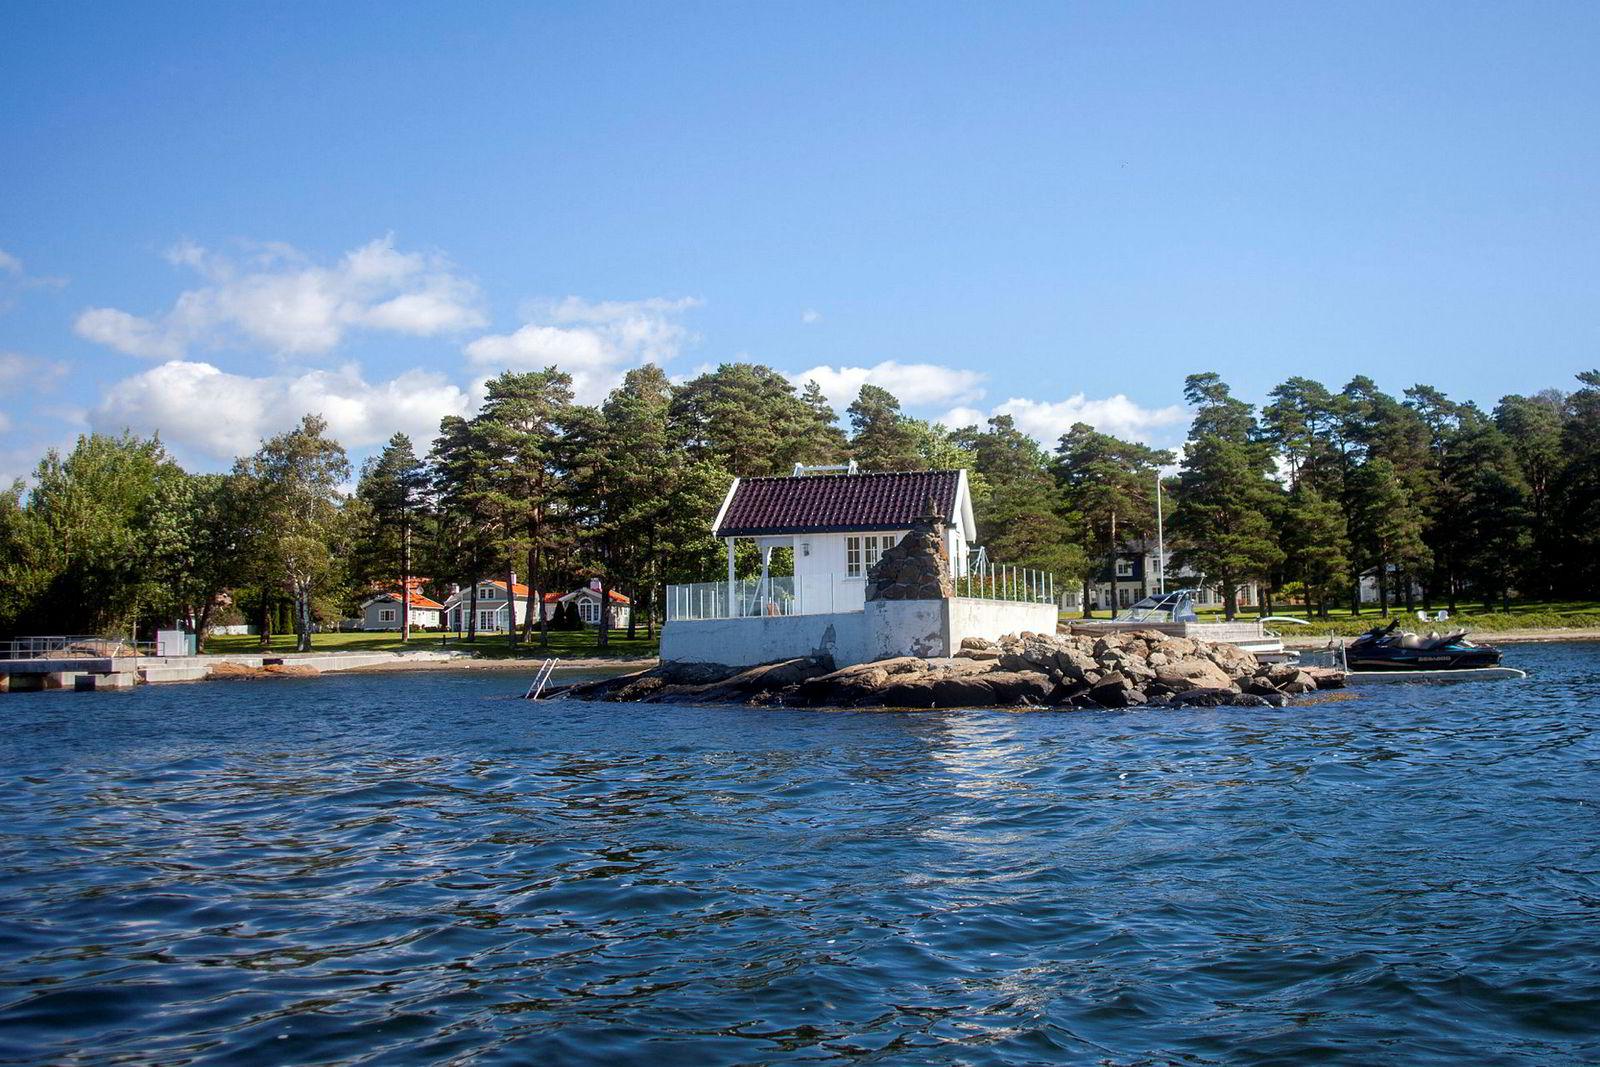 I mai satte Brian Ole Jepsen ny prisrekord for Sandefjord-hytter da han ga 33 millioner kroner for hytta som grenser mot den han allerede eier. Til sammen er eiendommene på over 20 mål.